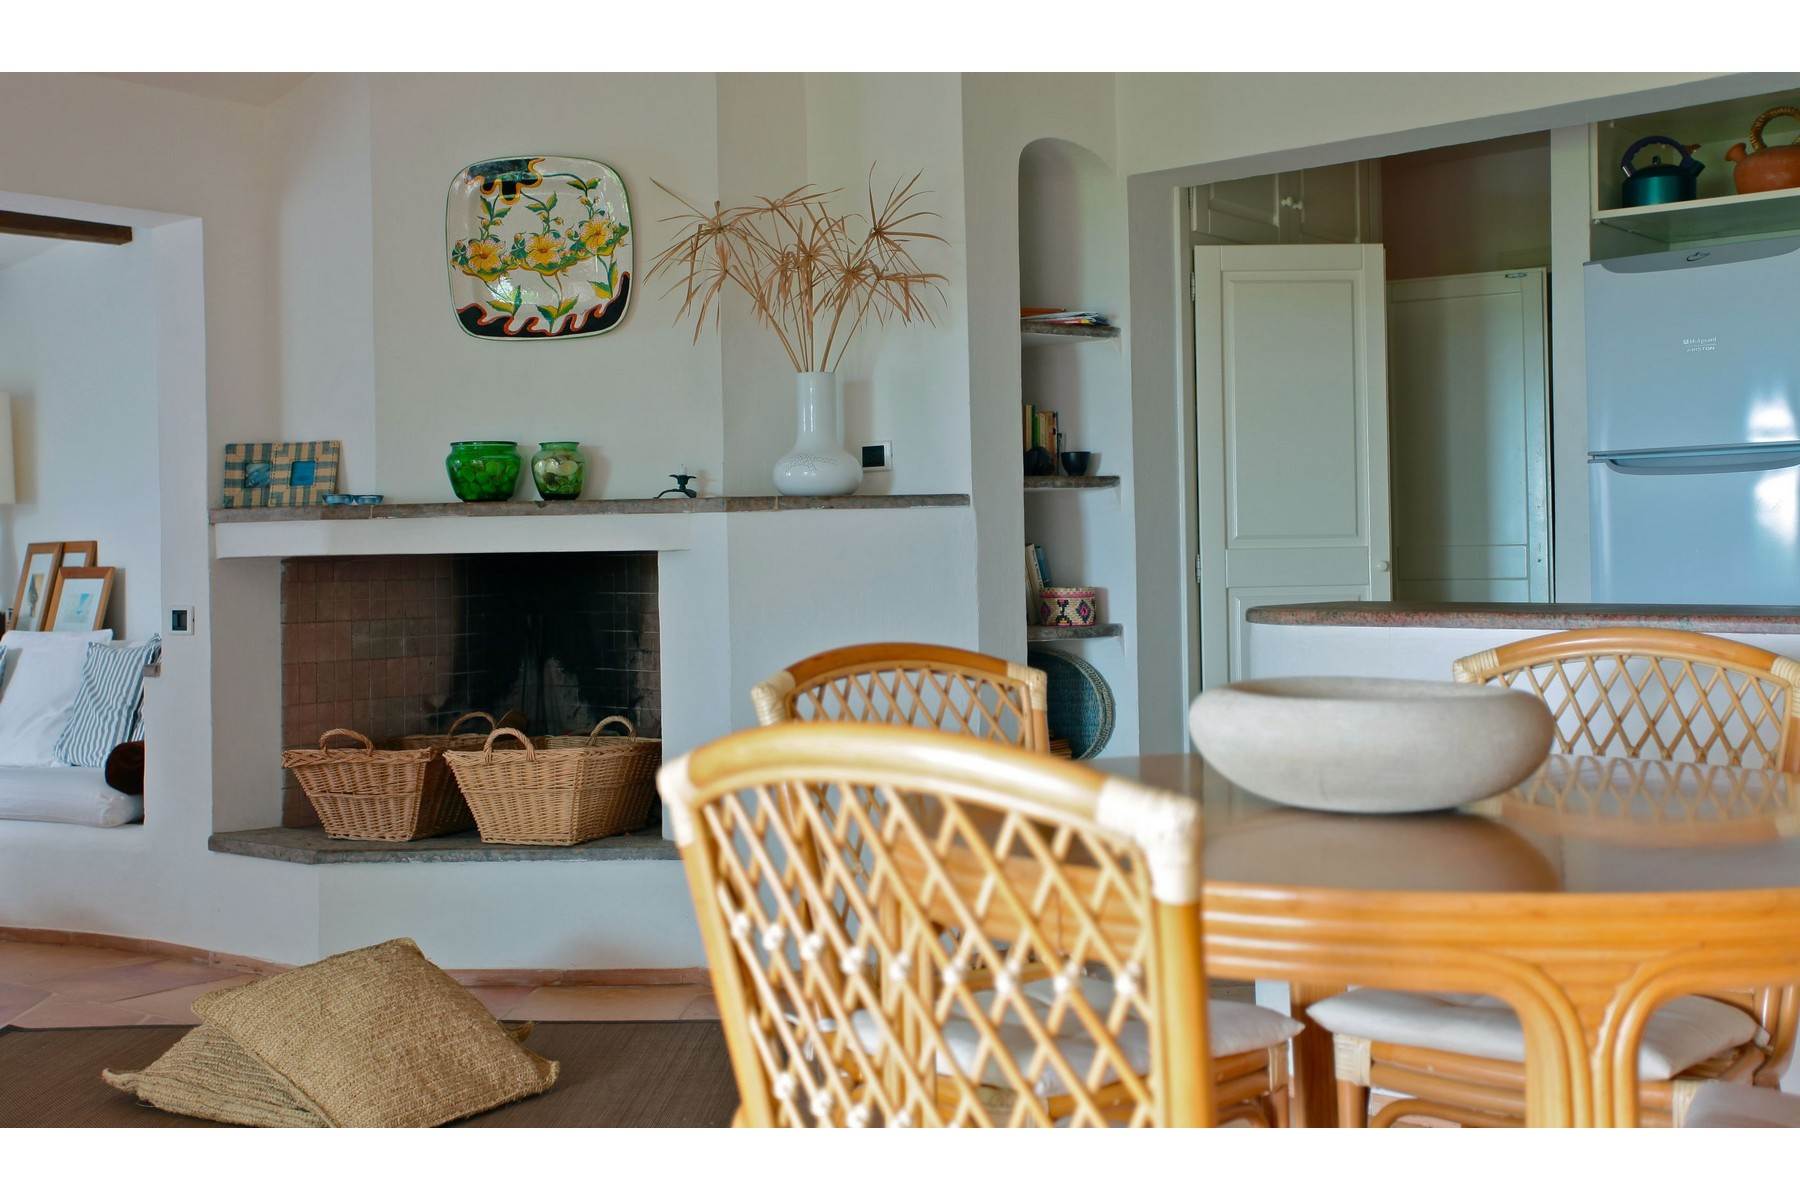 Casa indipendente in Vendita a Arzachena: 5 locali, 117 mq - Foto 7